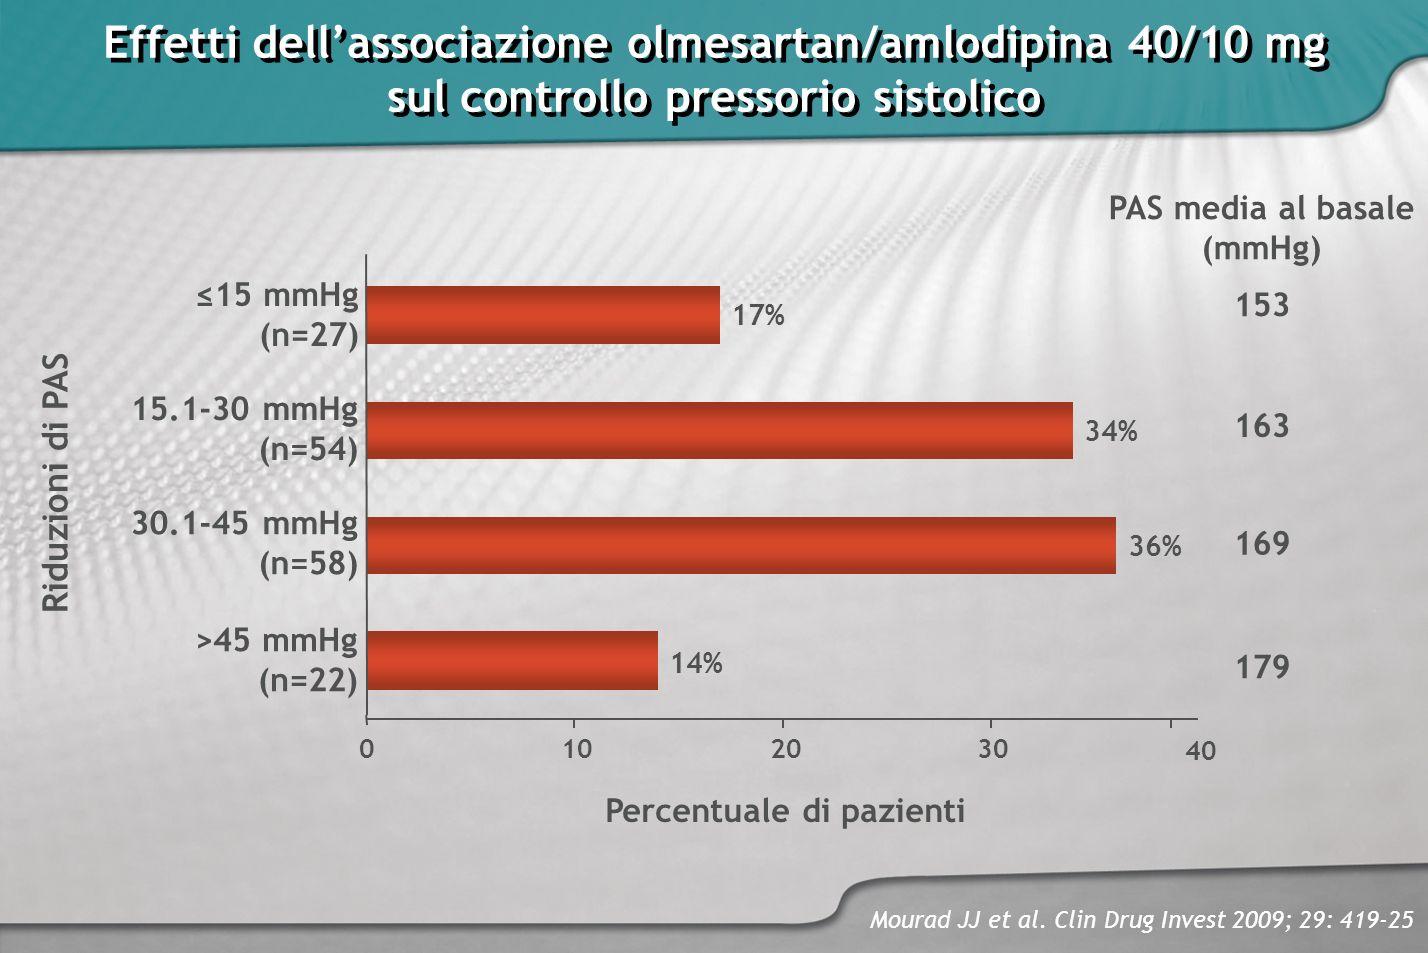 Effetti dellassociazione olmesartan/amlodipina 40/10 mg sul controllo pressorio sistolico Effetti dellassociazione olmesartan/amlodipina 40/10 mg sul